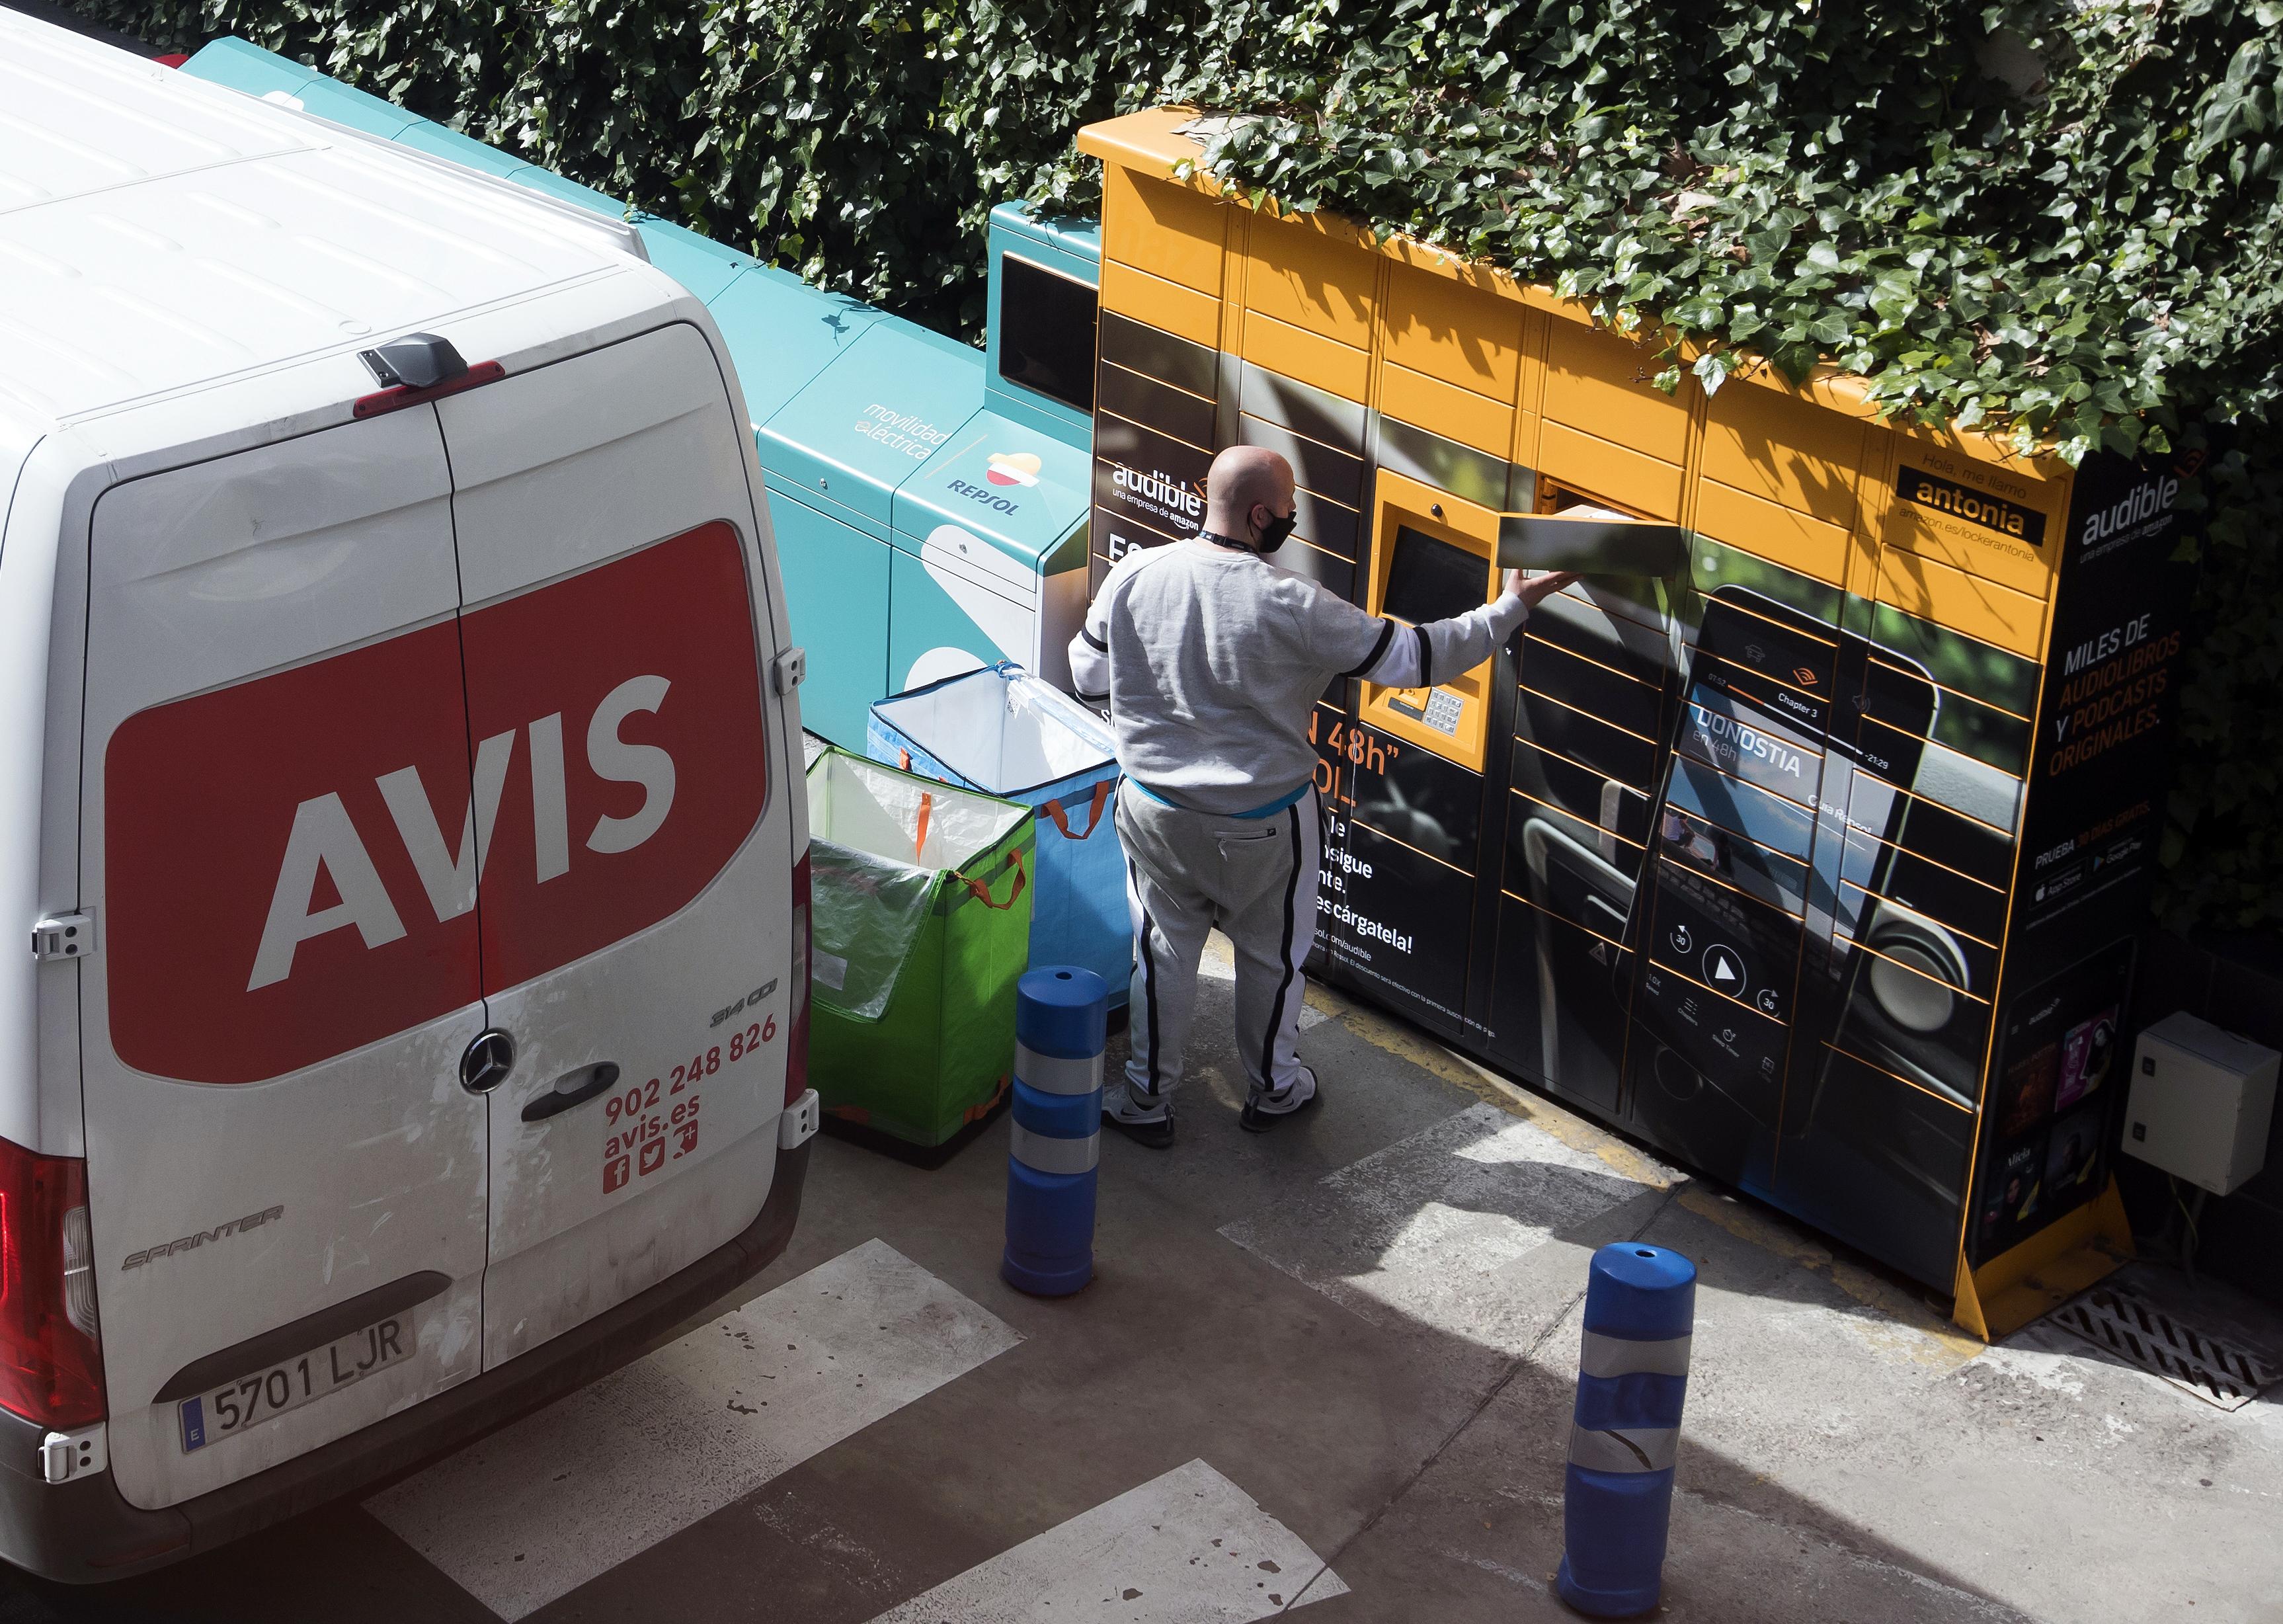 Servicio de paquetería en una gasolinera.